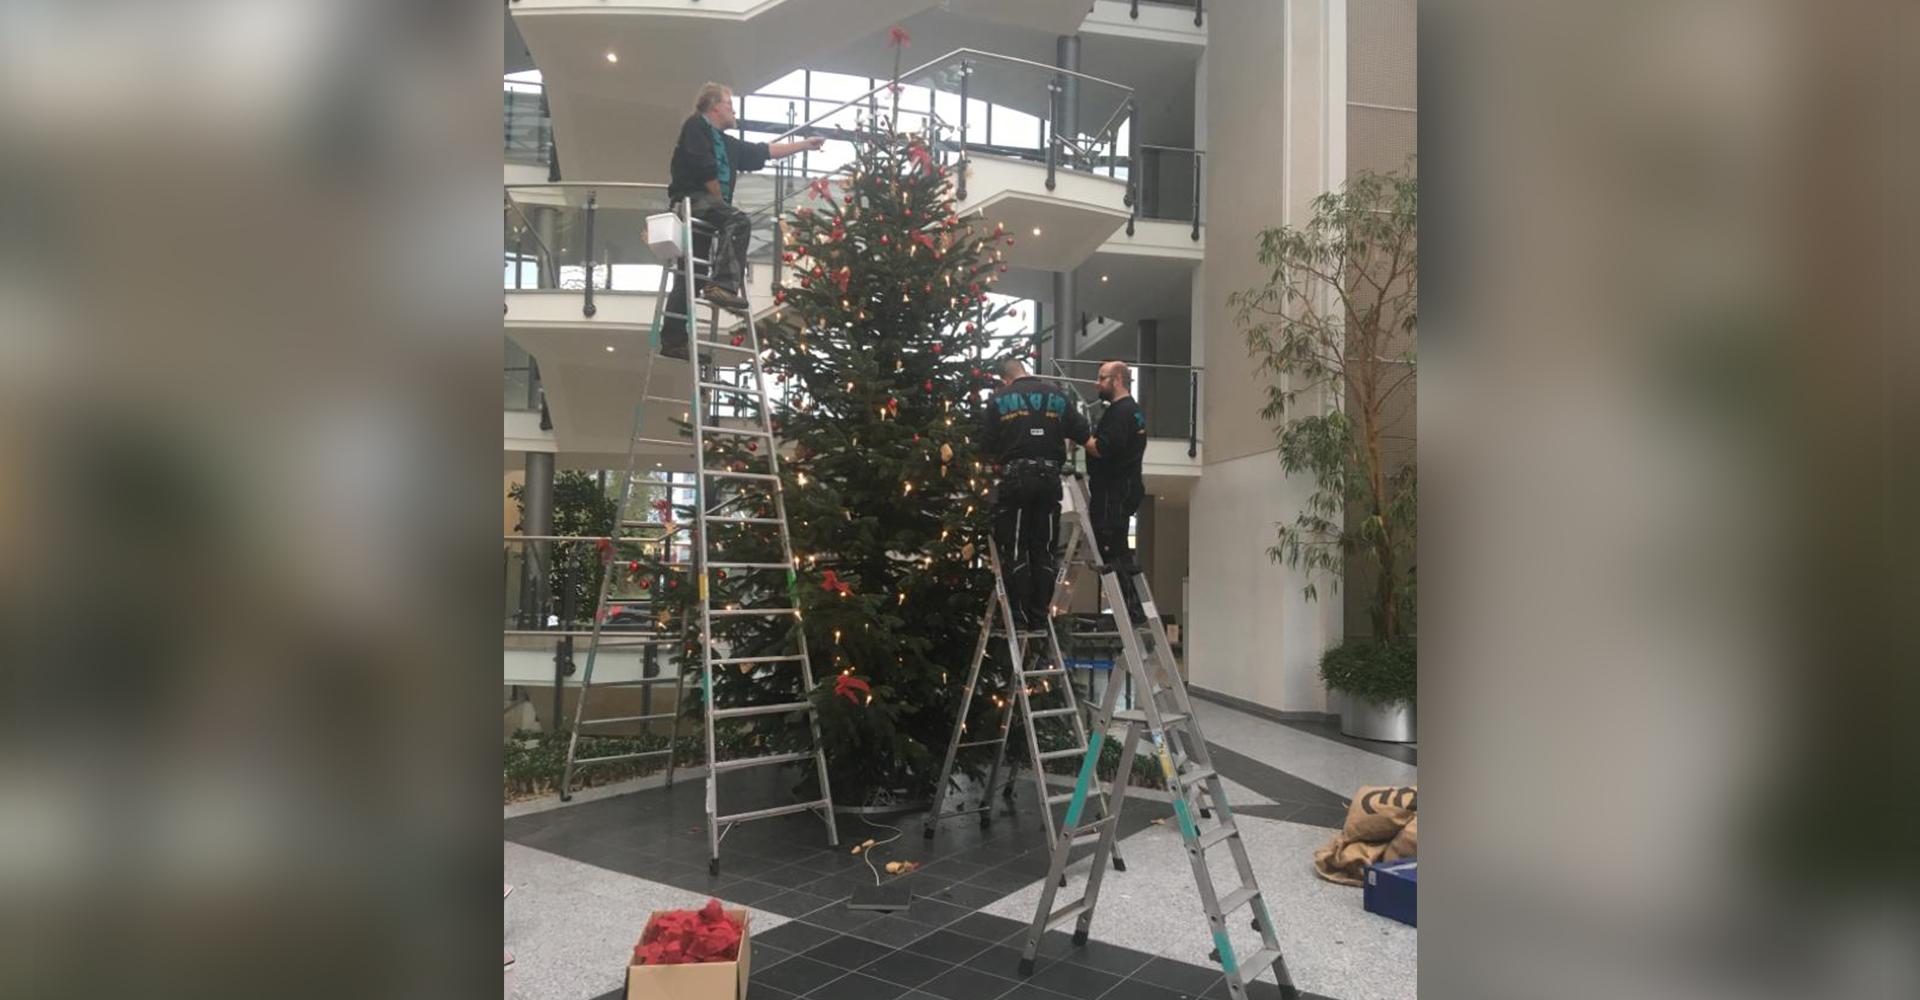 Weihnachtsbaum Sparkasse Hildesheim